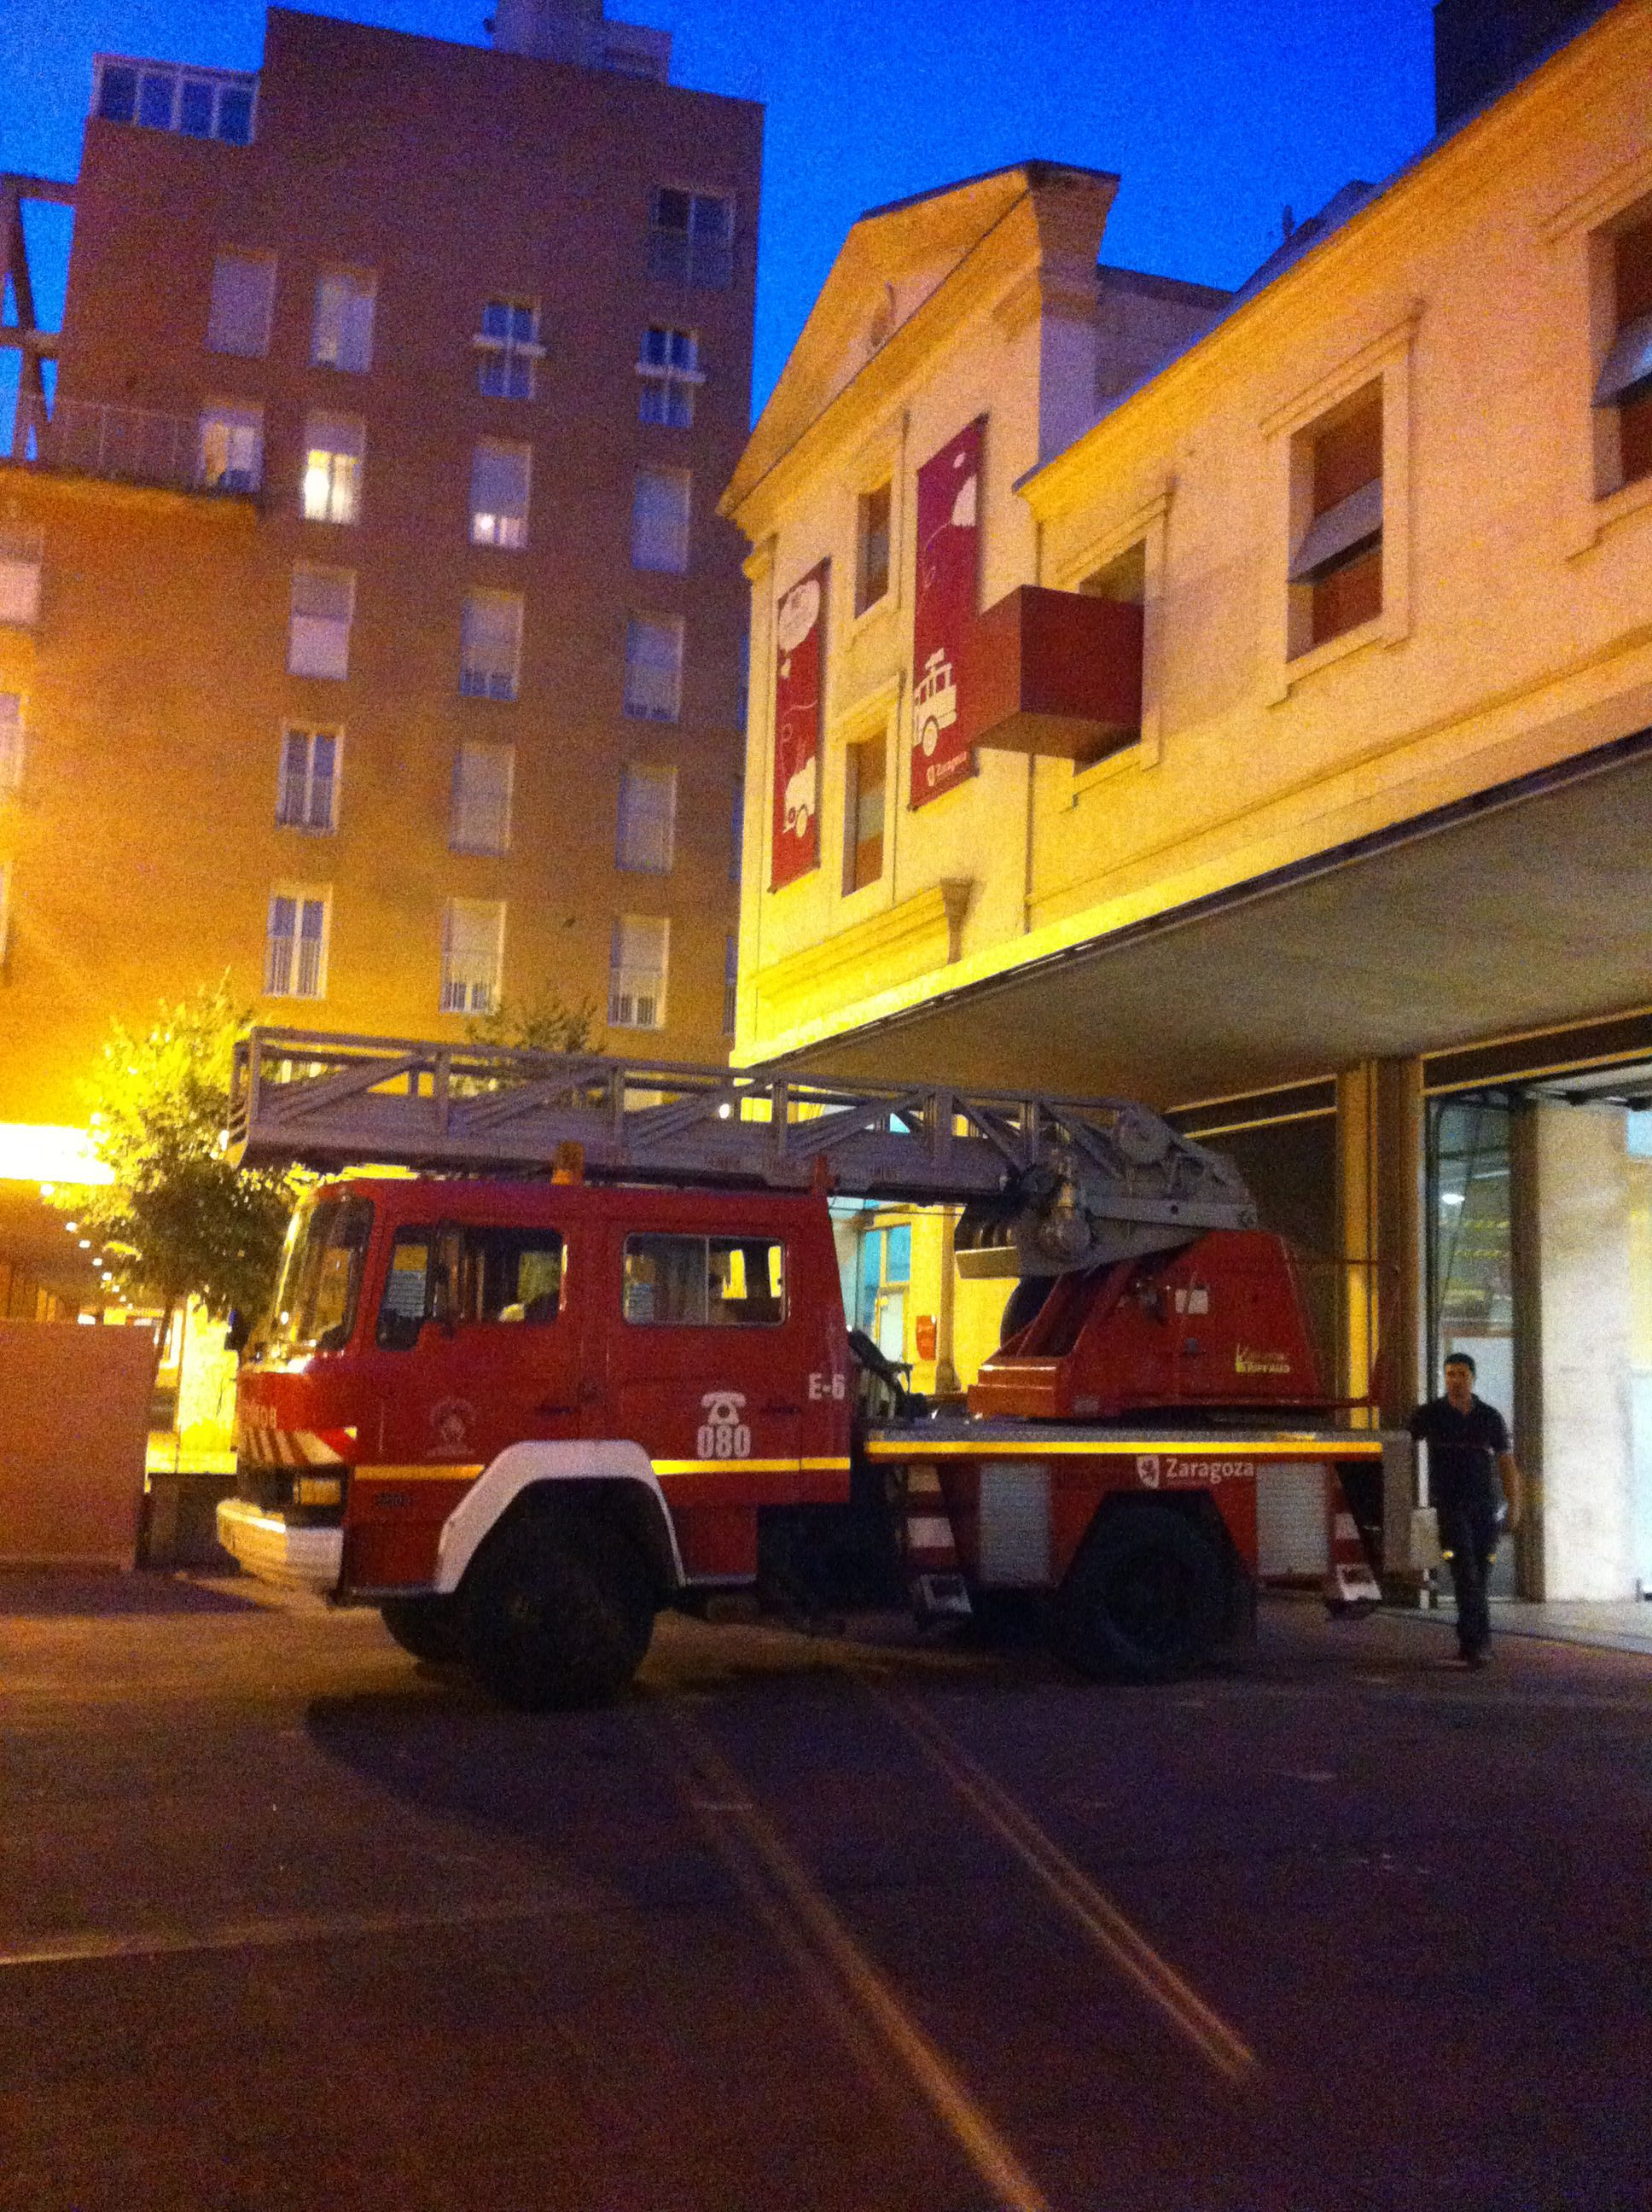 Camion de bomberos #zaragoza #escalera